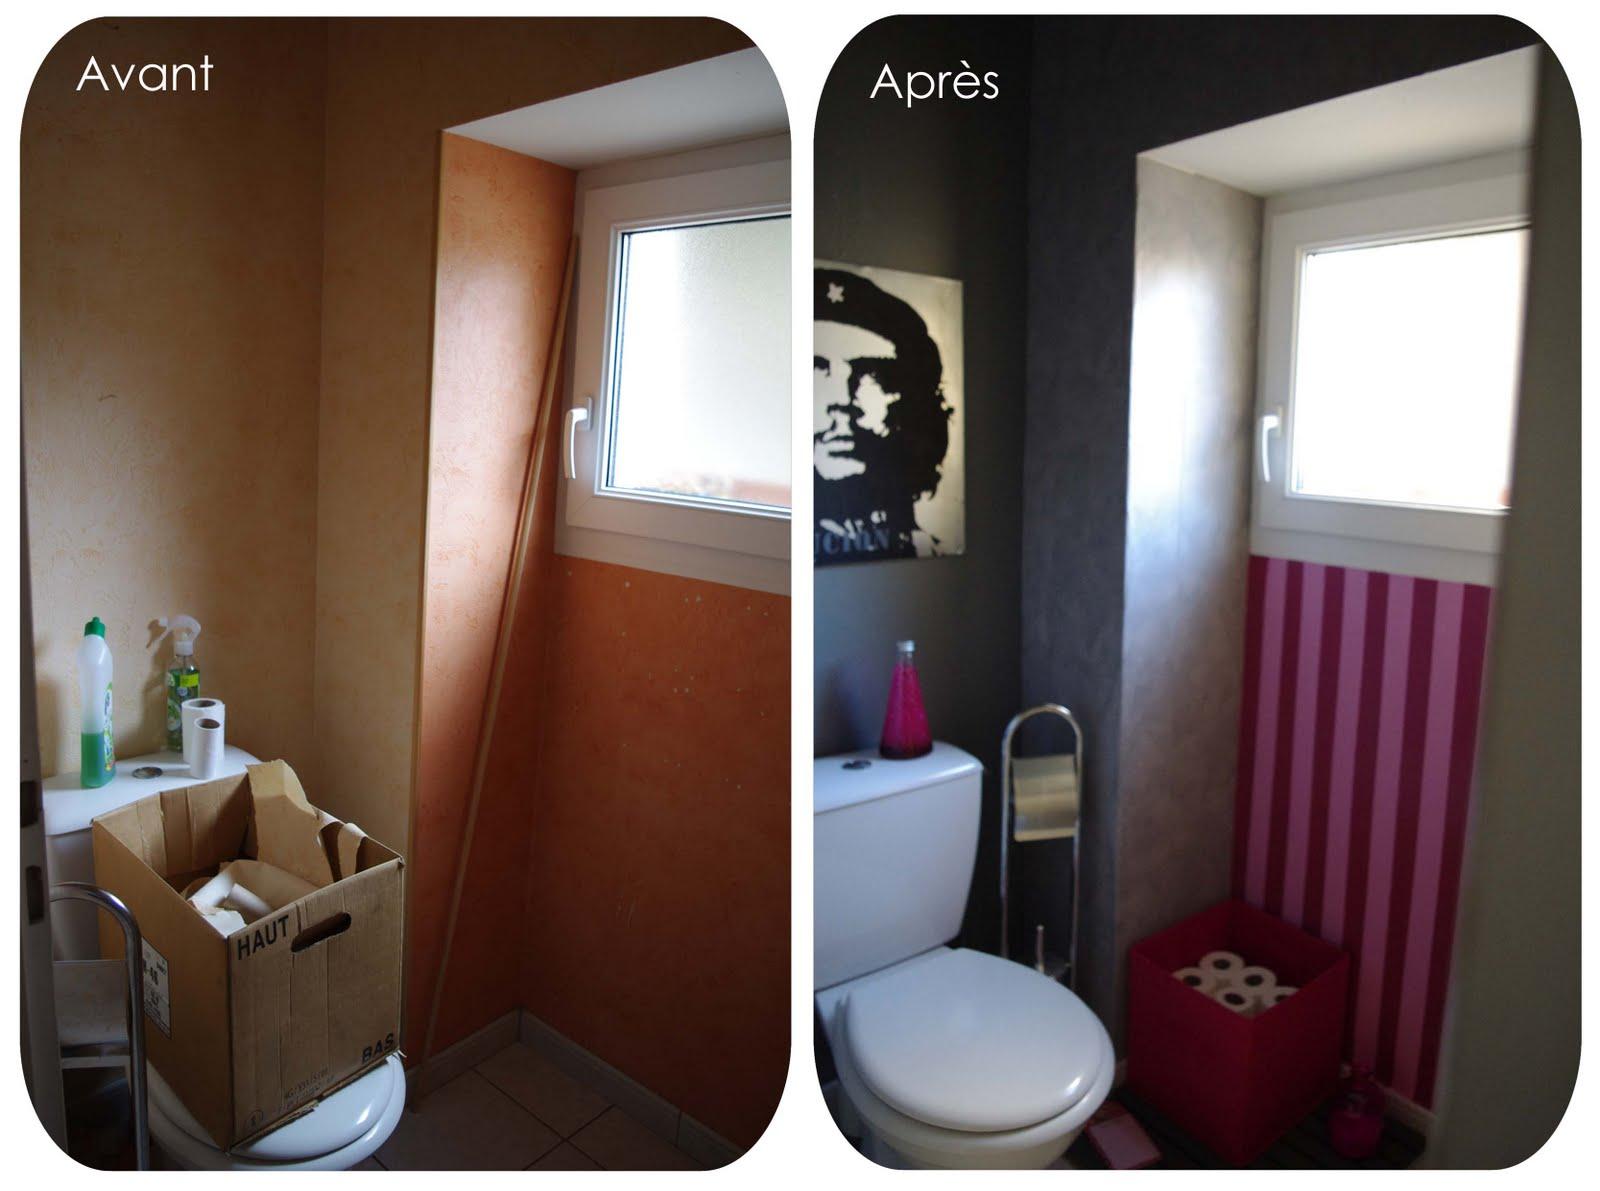 papier peint bureau halloween rouen estimation loyer. Black Bedroom Furniture Sets. Home Design Ideas